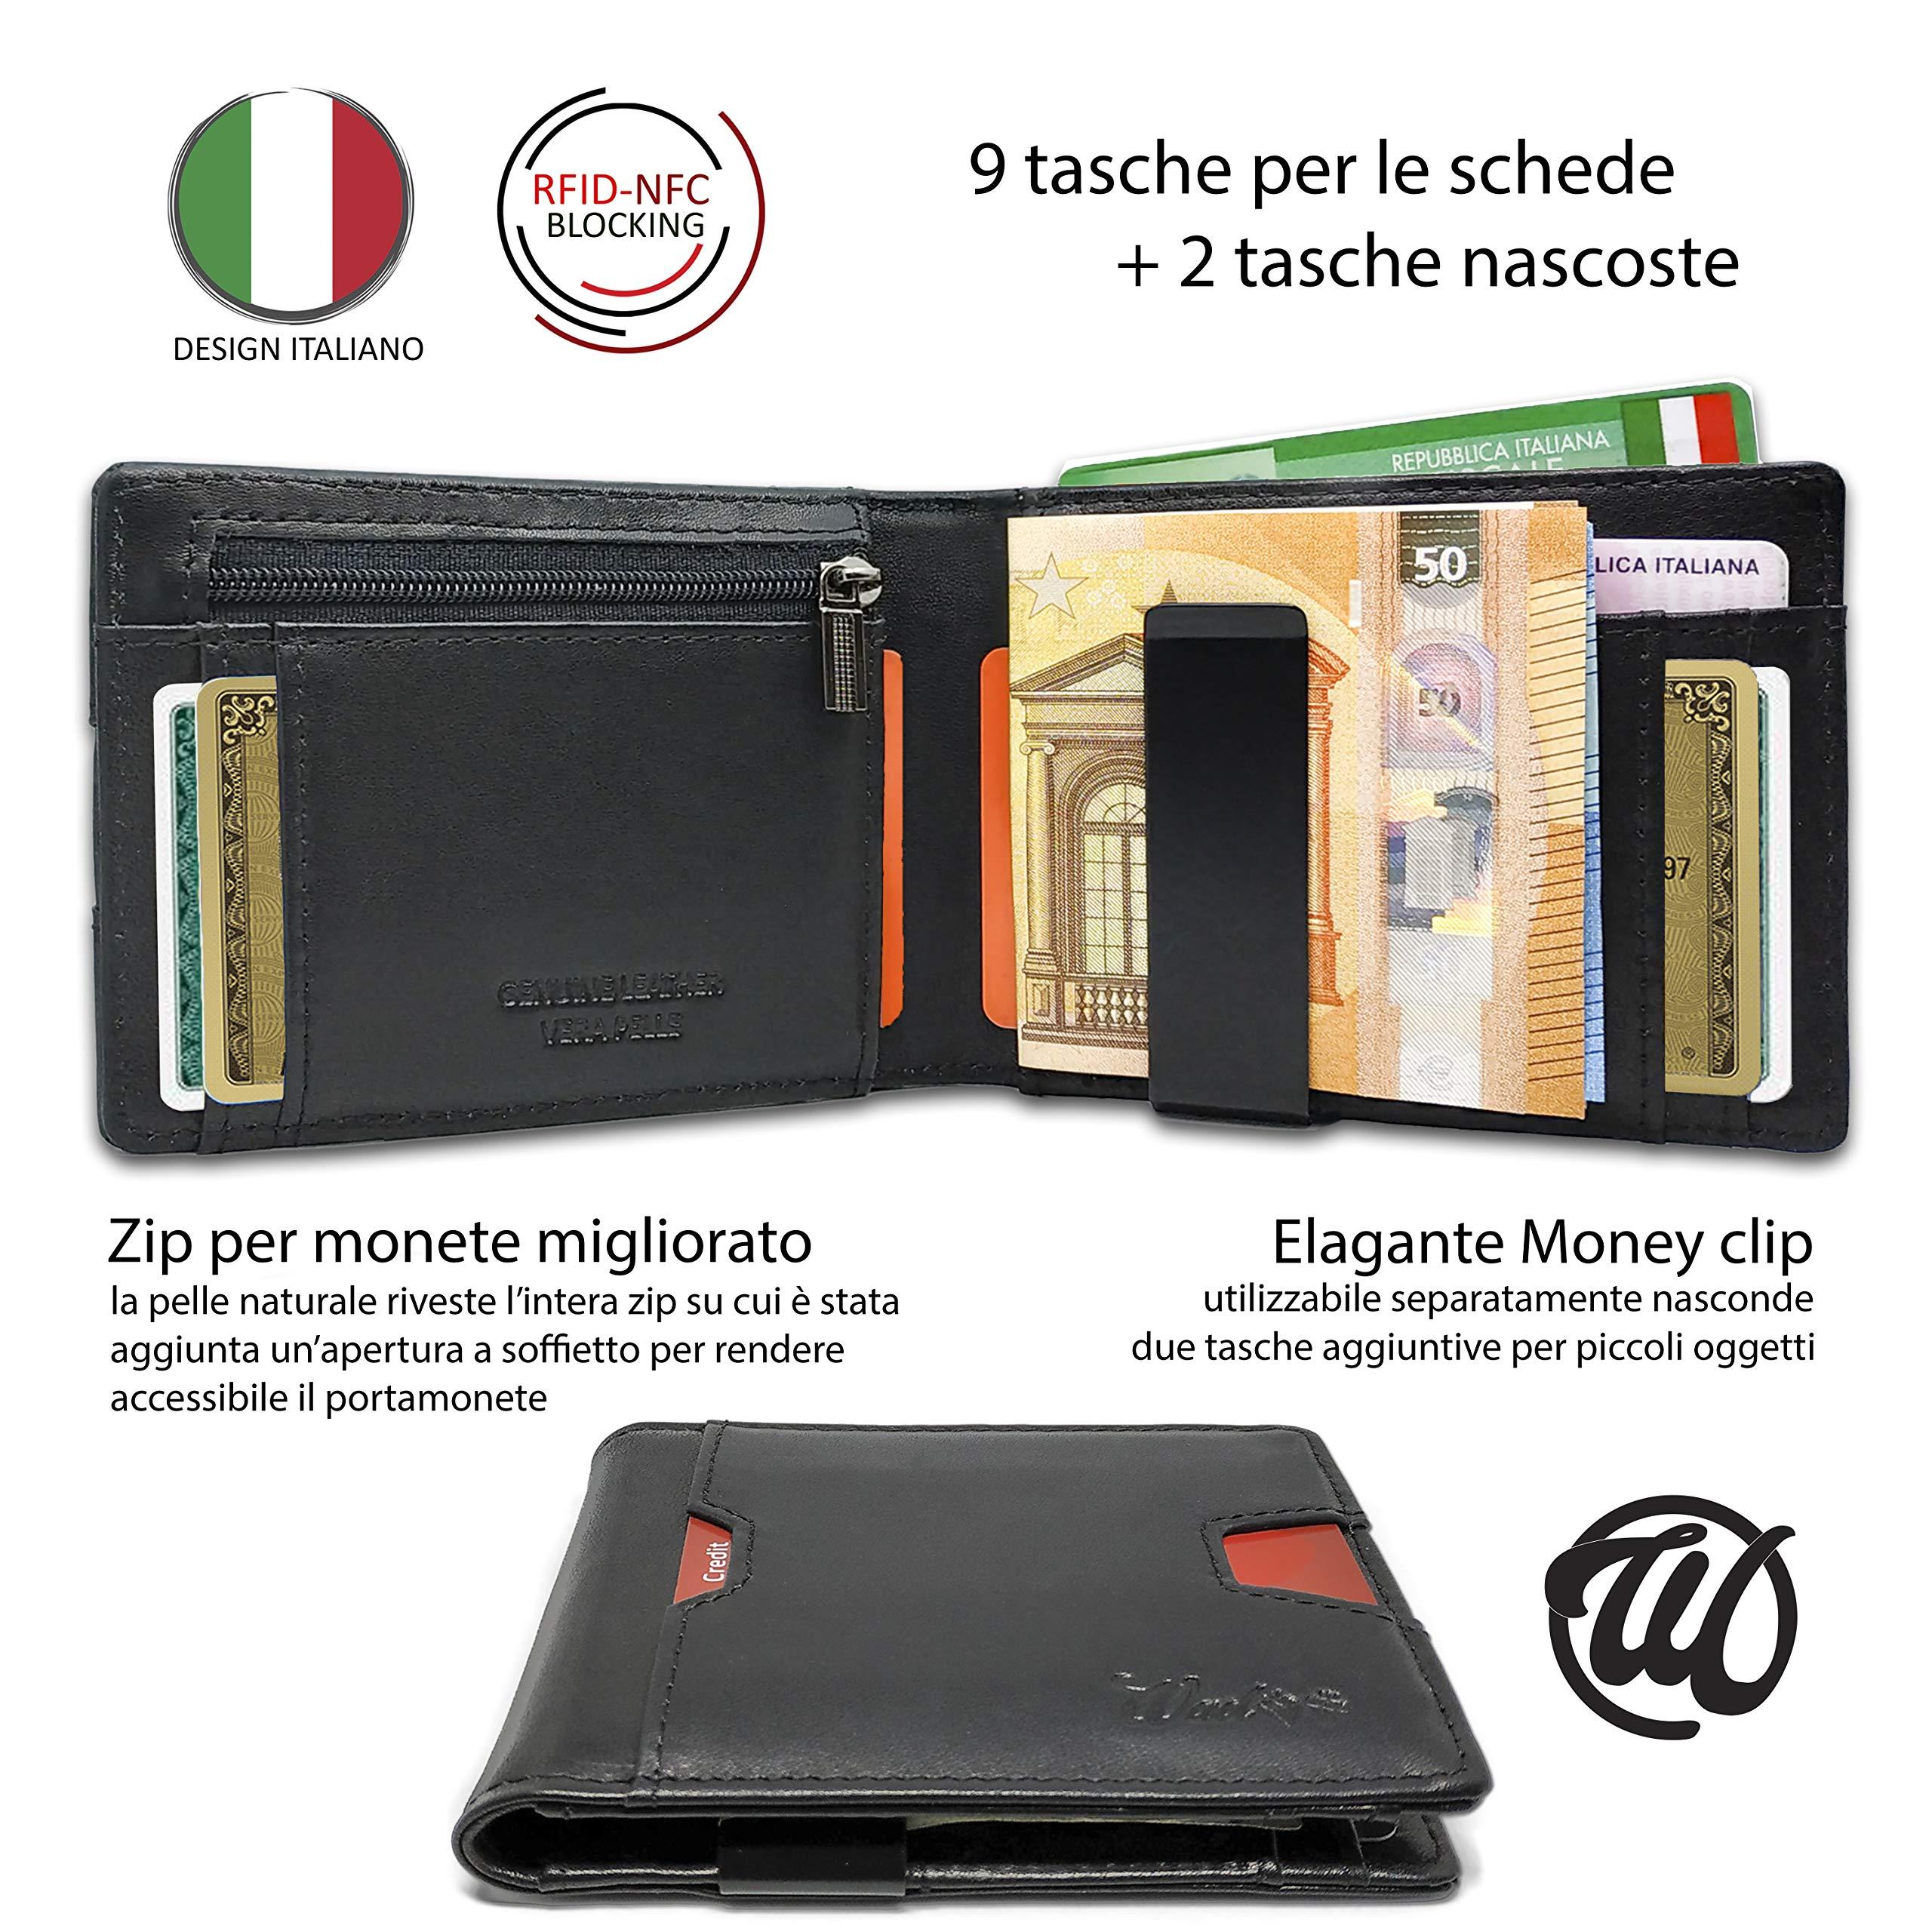 Portafoglio Uomo Piccolo Vera Pelle Intelligente Protezione RFID-NFC ... a4bced918dc1